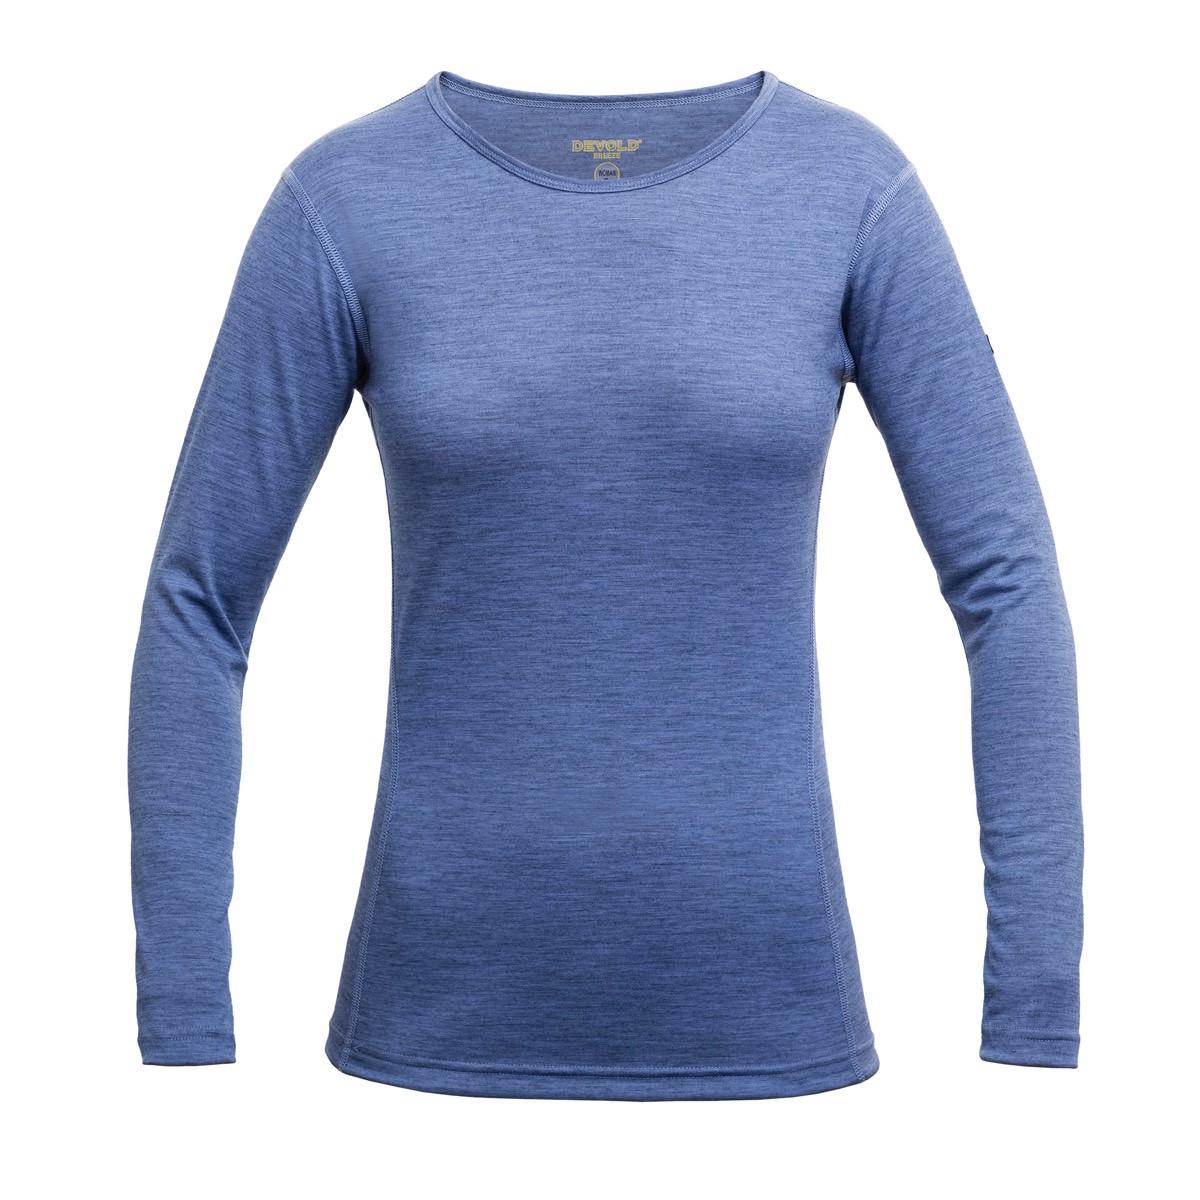 Devold Breeze women shirt bluebell